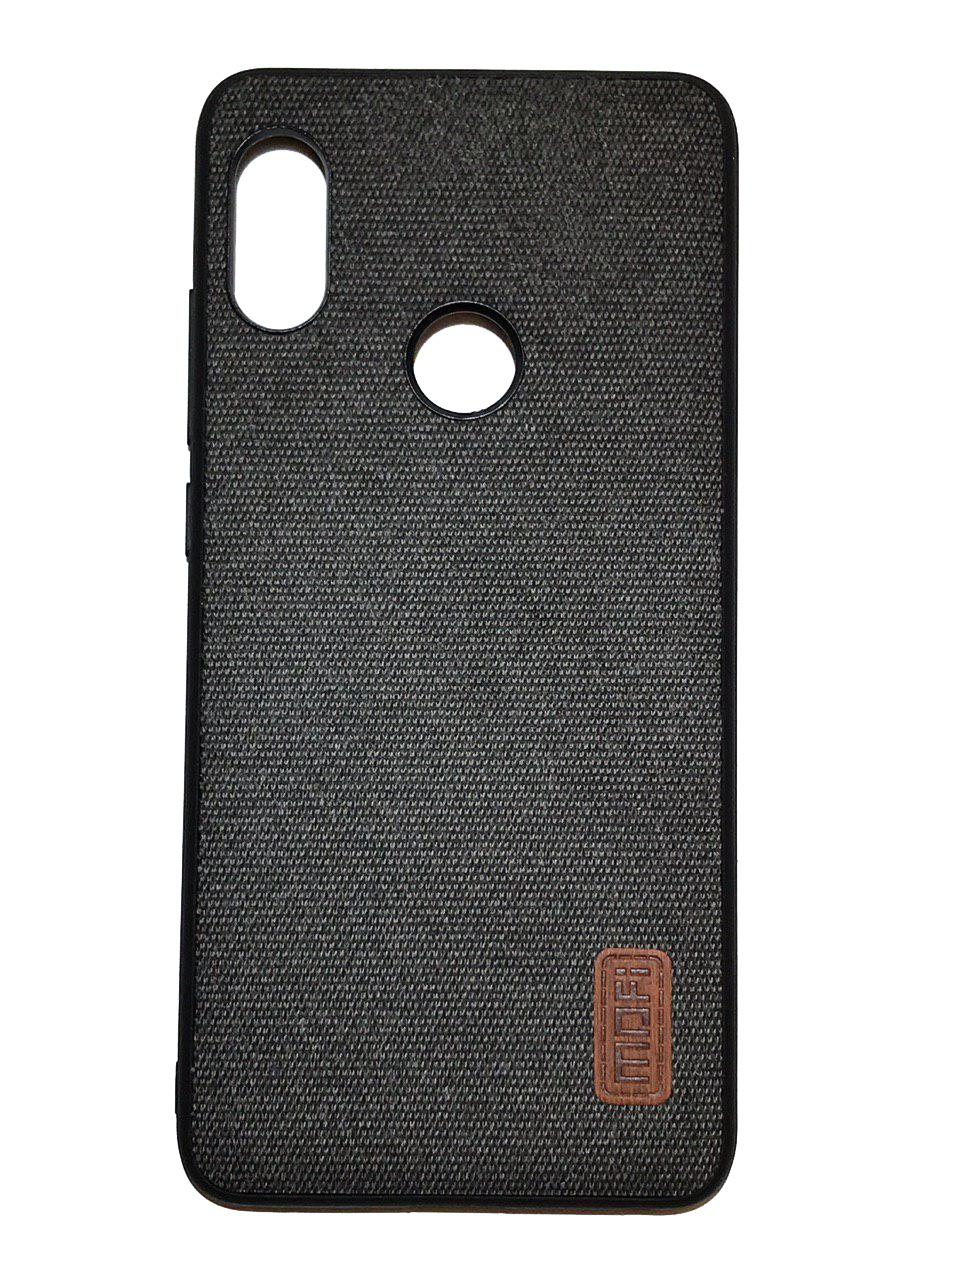 Чехол для сотового телефона Mofi Накладка Fabric Xiaomi Redmi 6 Pro /A2 Lite Black, черный цена